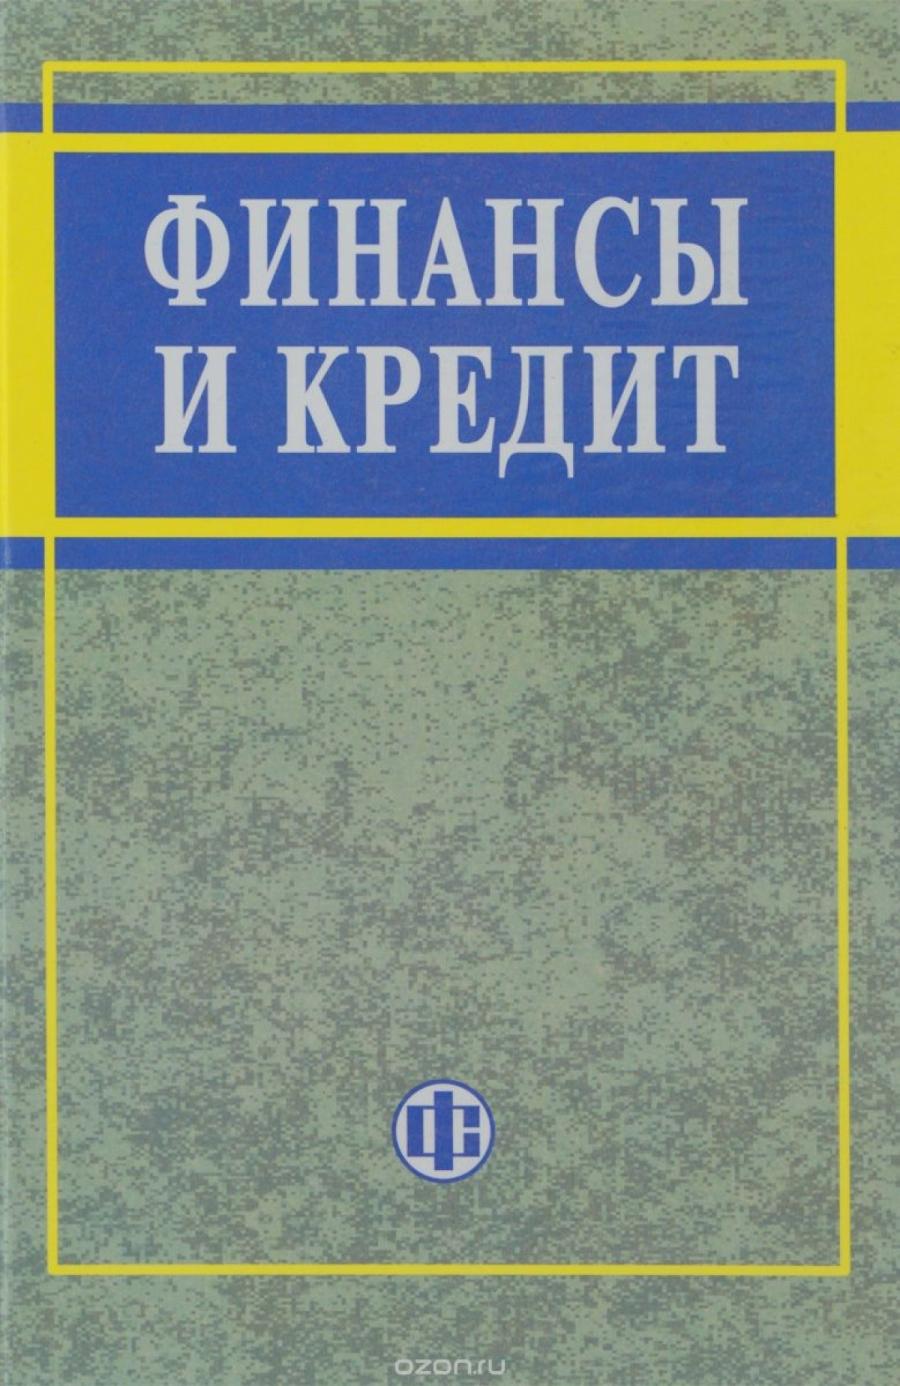 Обложка книги:  ковалева а.м., баранникова н.п., бурмистрова л.а. и др. - финансы и кредит